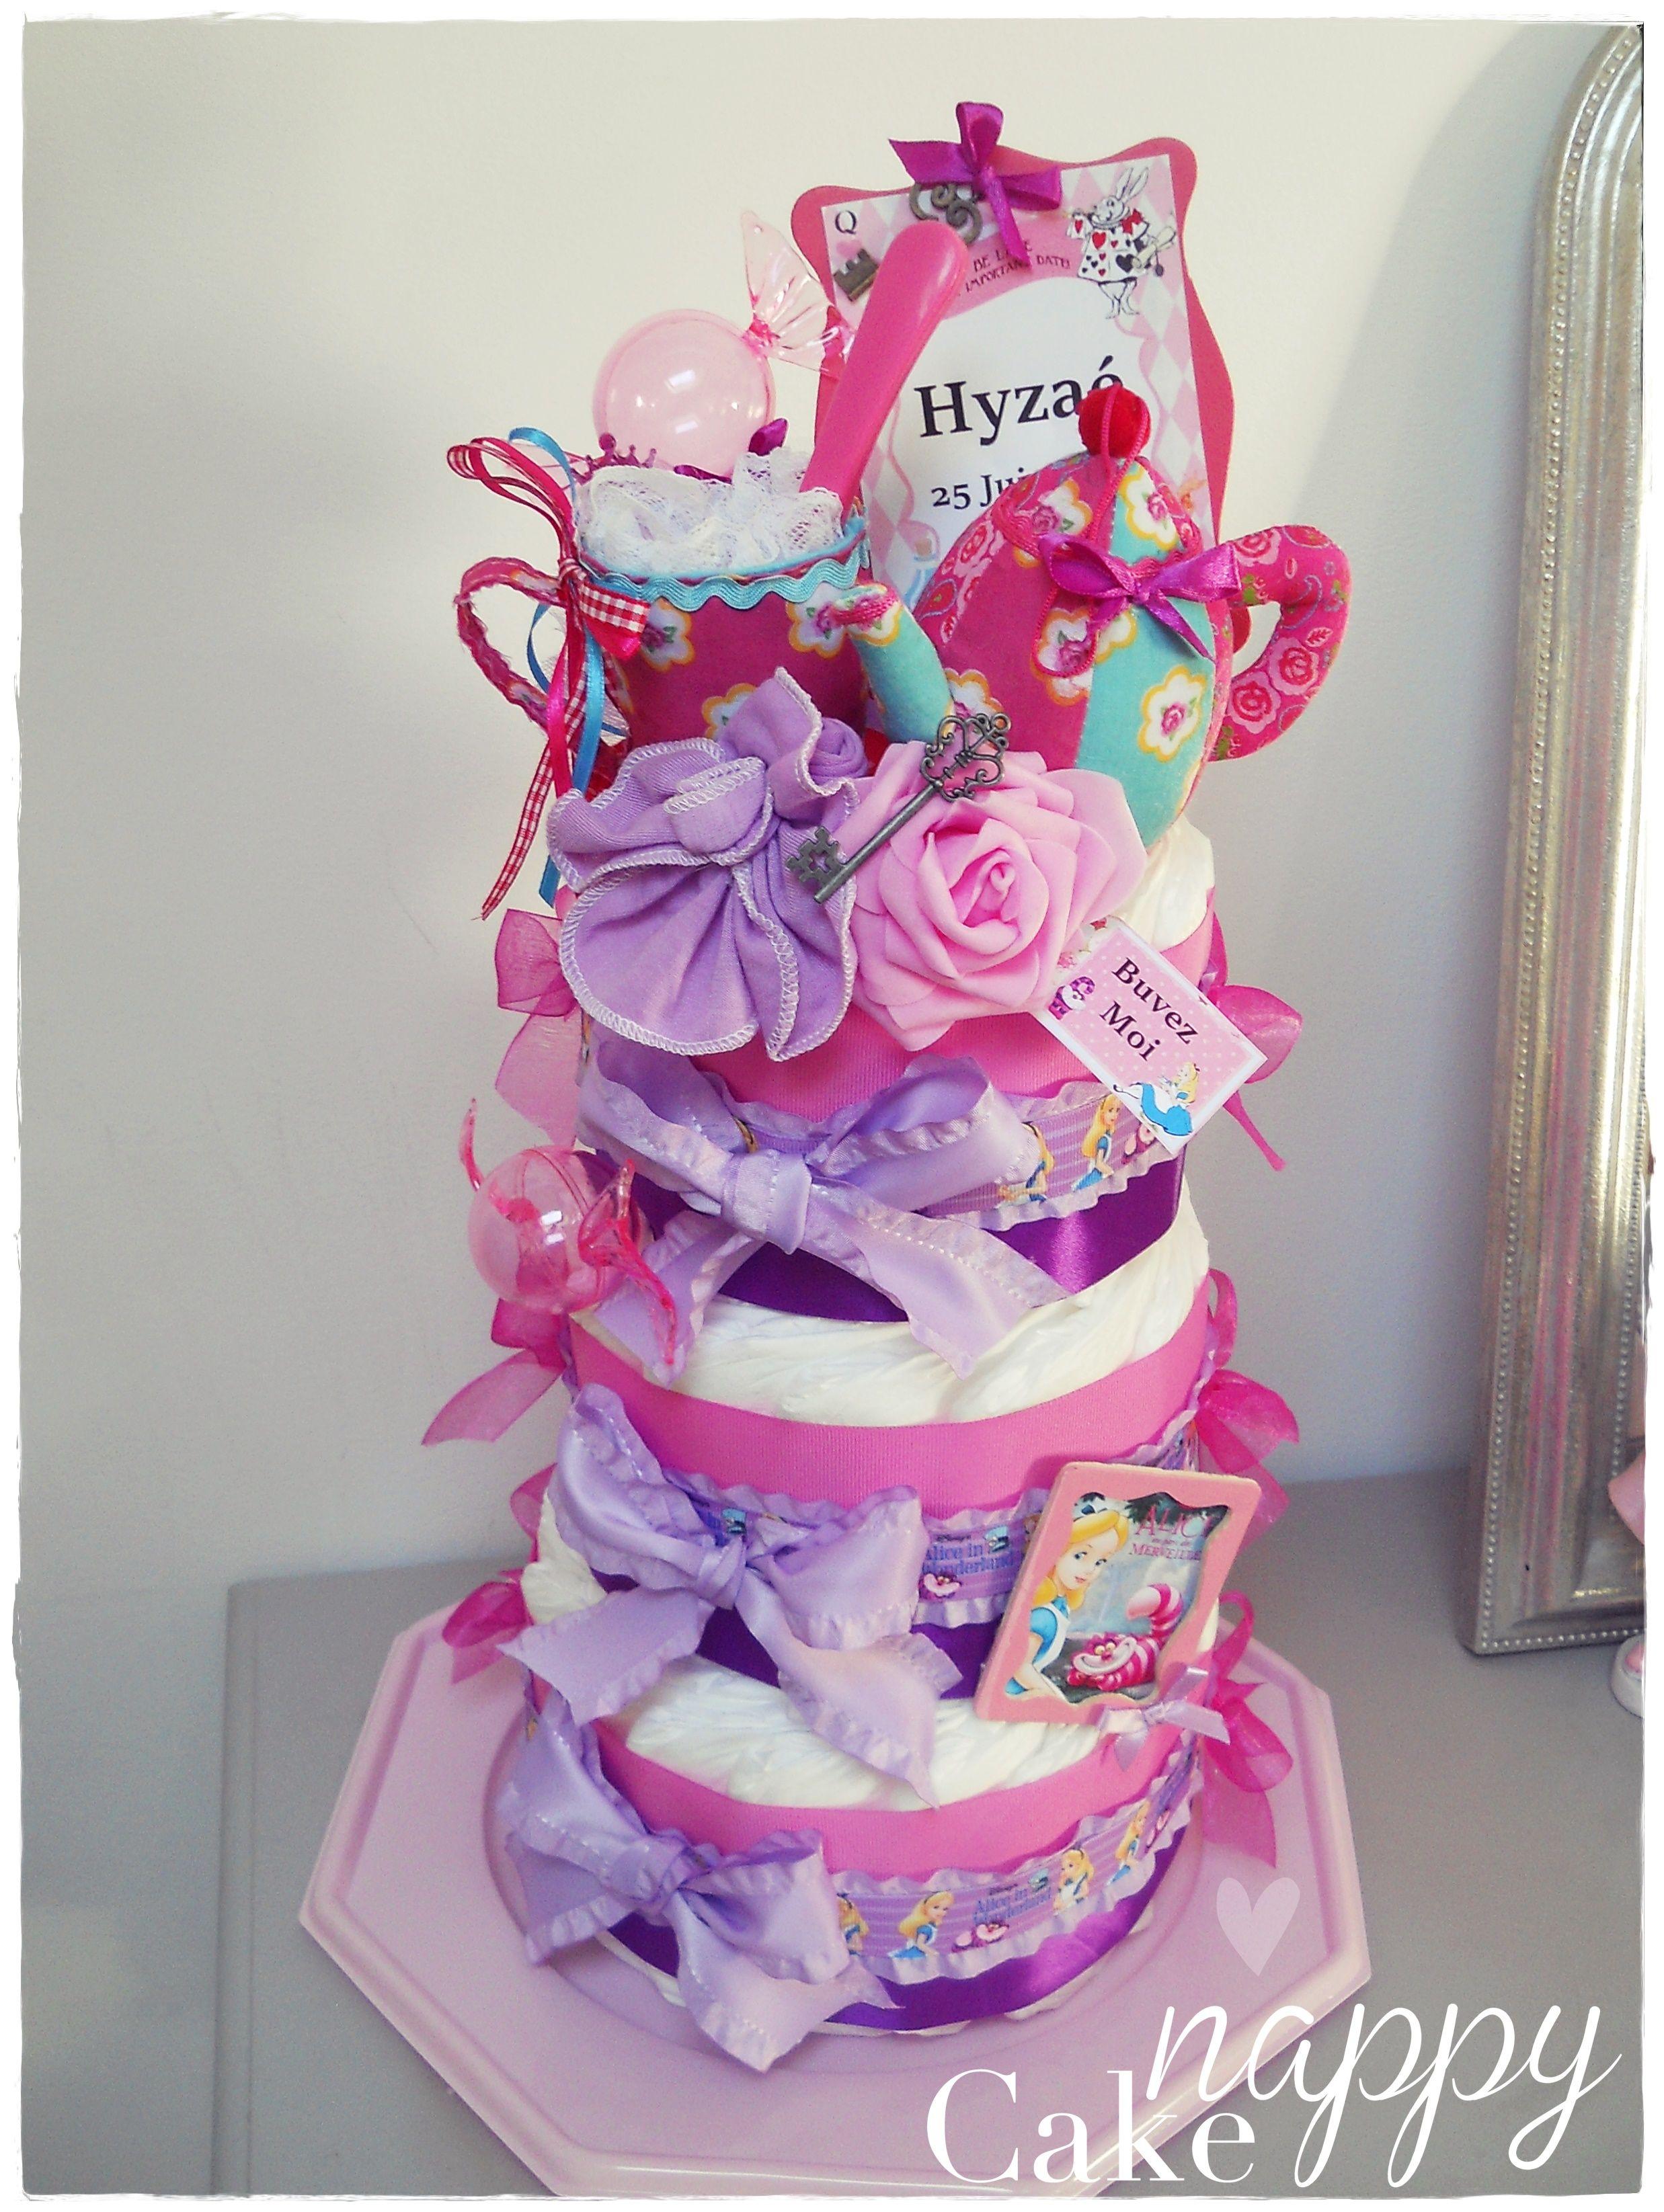 Gateau Alice Aux Pays Des Merveilles dedans gateau de couches diademe tutu | nappy cake